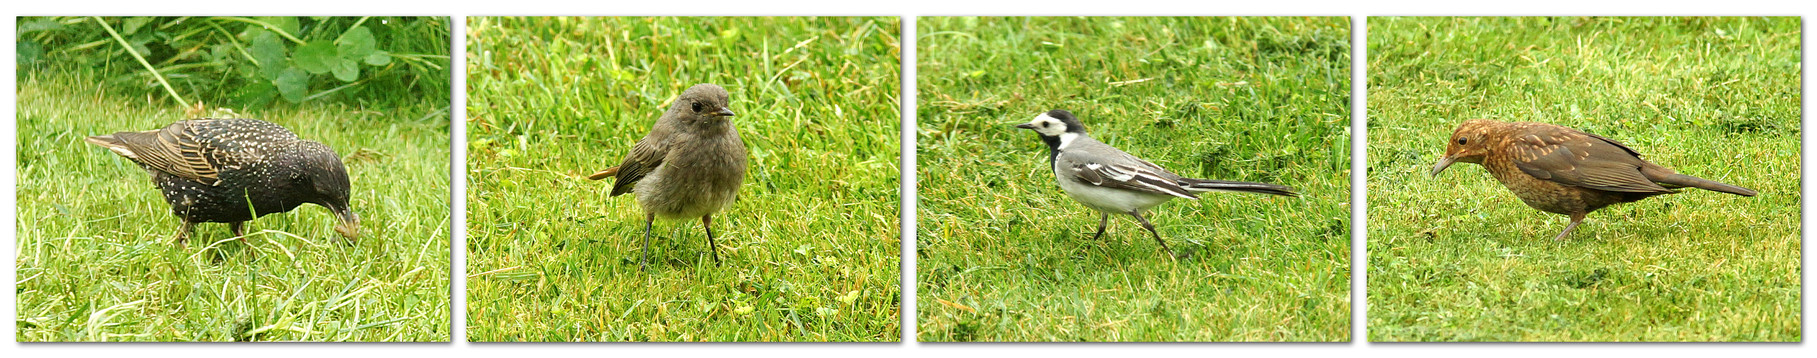 21.06.2014 : nach dem Mähen ist auf dem Rasen ornitologisch viel los ...